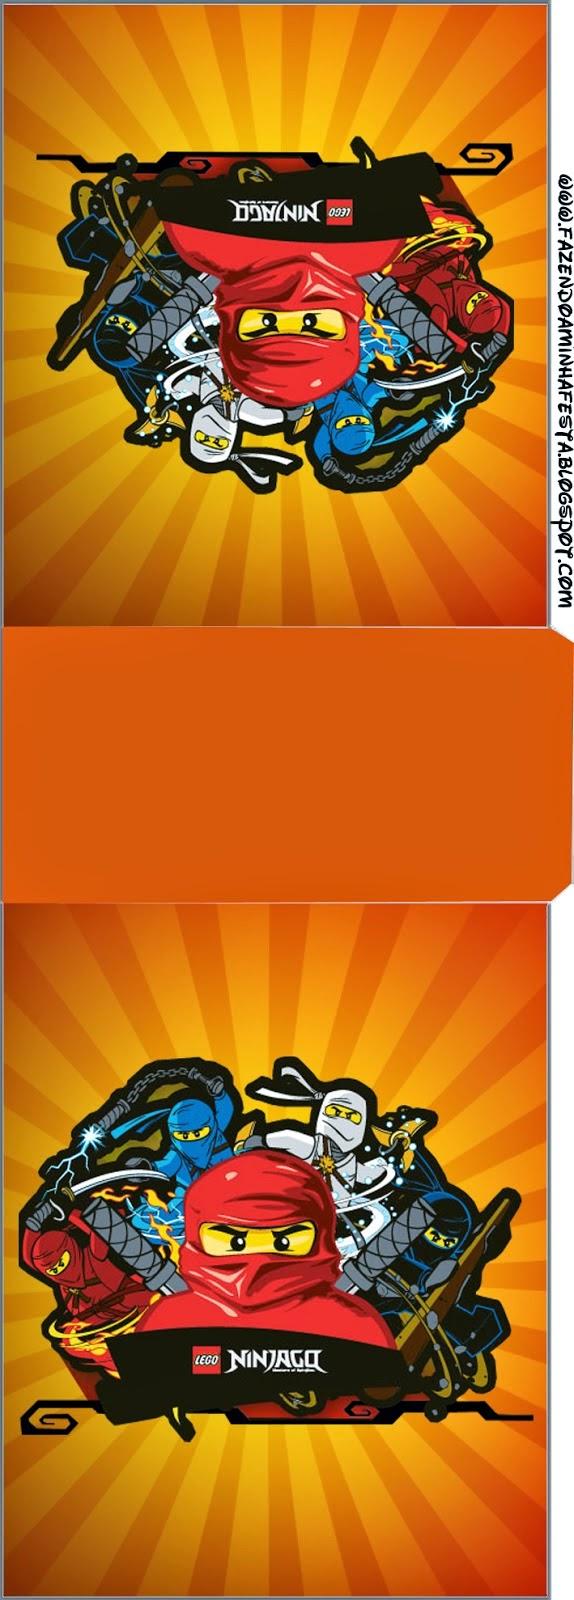 Etiqueta para Tic Tac de Ninjago